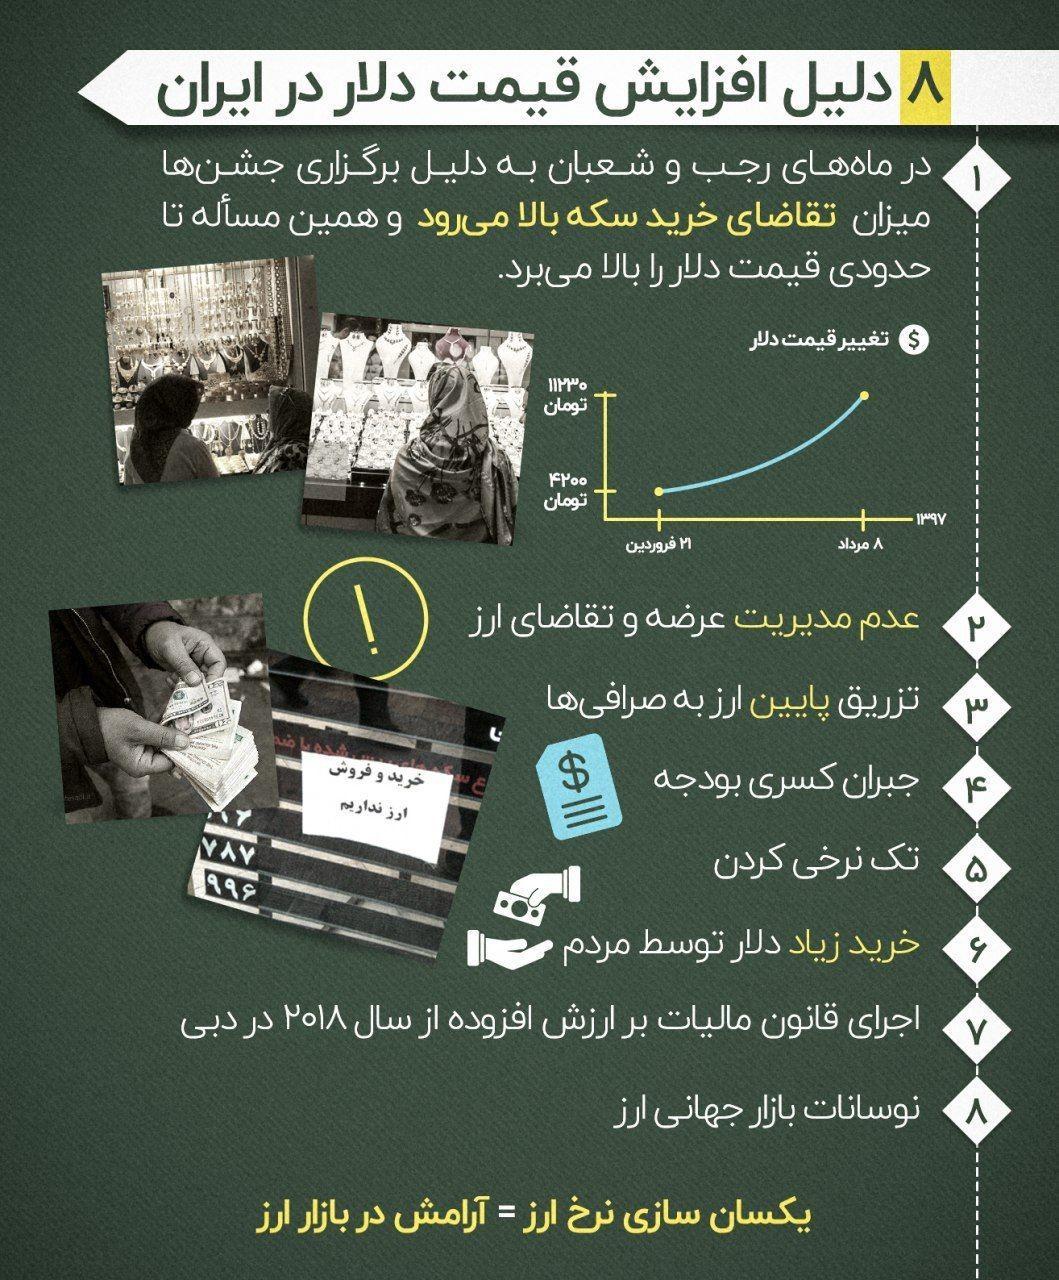 8 دلیل افزایش قیمت دلار در ایران + اینفوگرافی